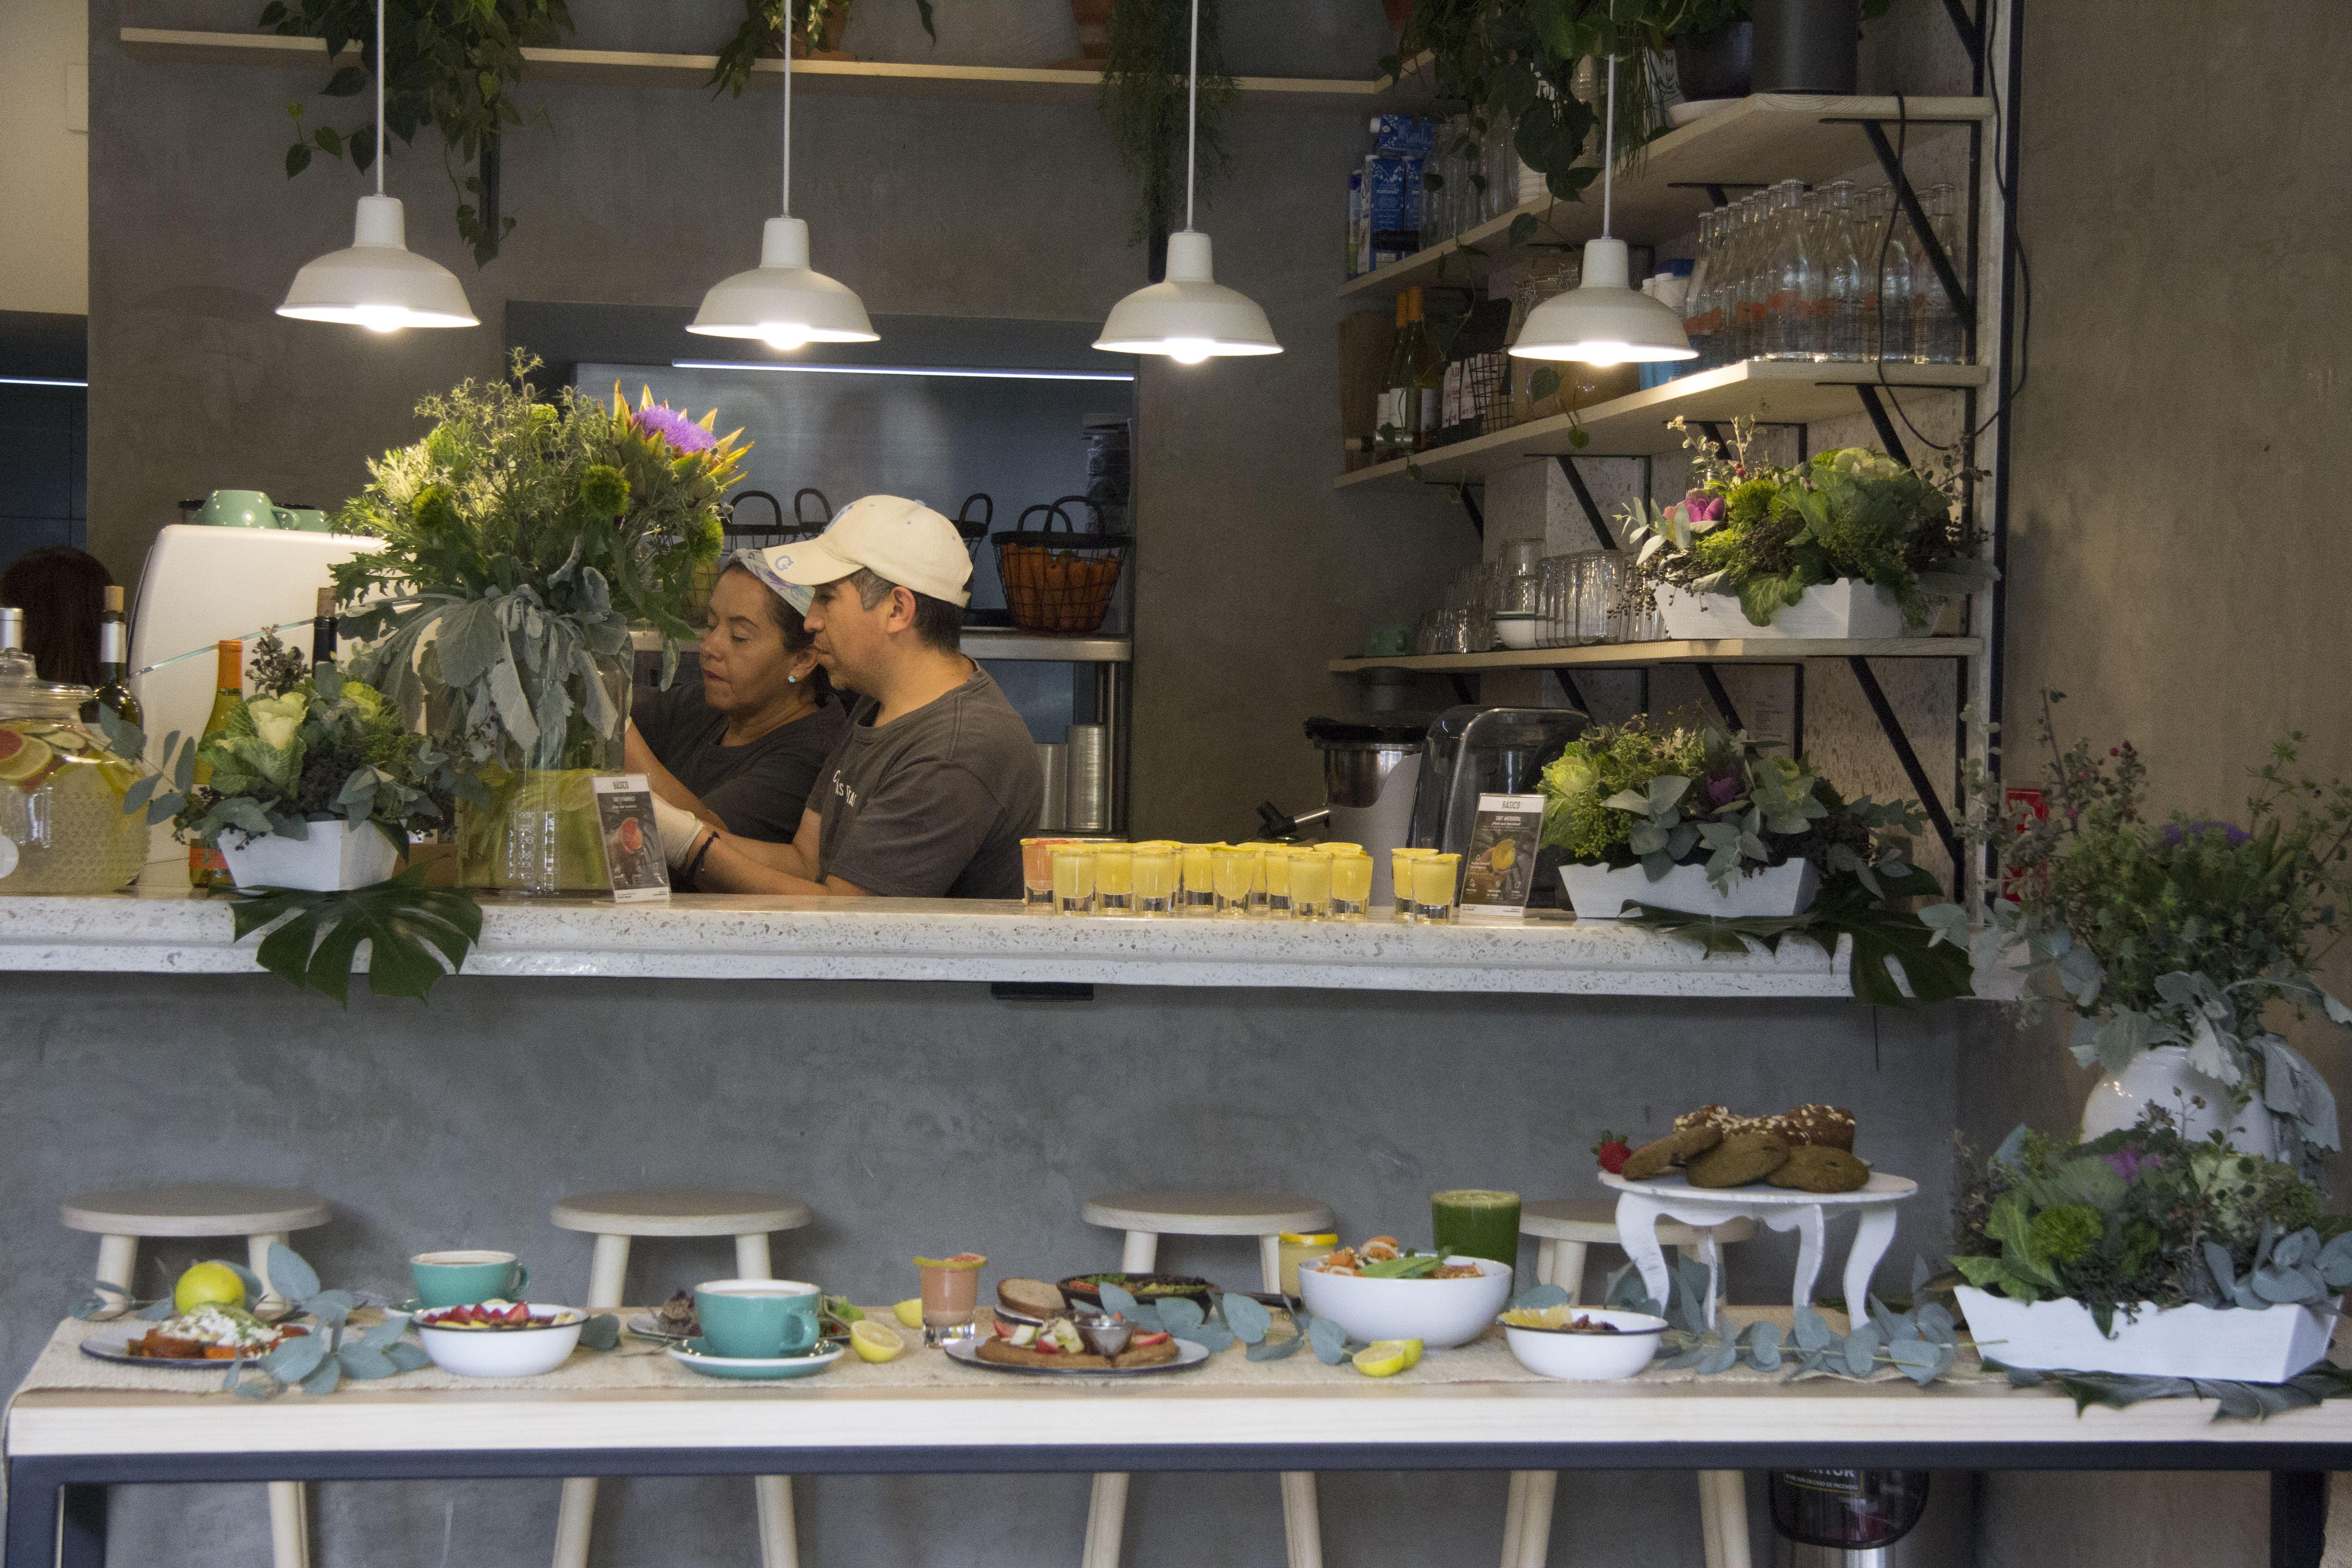 Básico: Desayunar rico y 'healthy' es posible en este 'spot' de Polanco